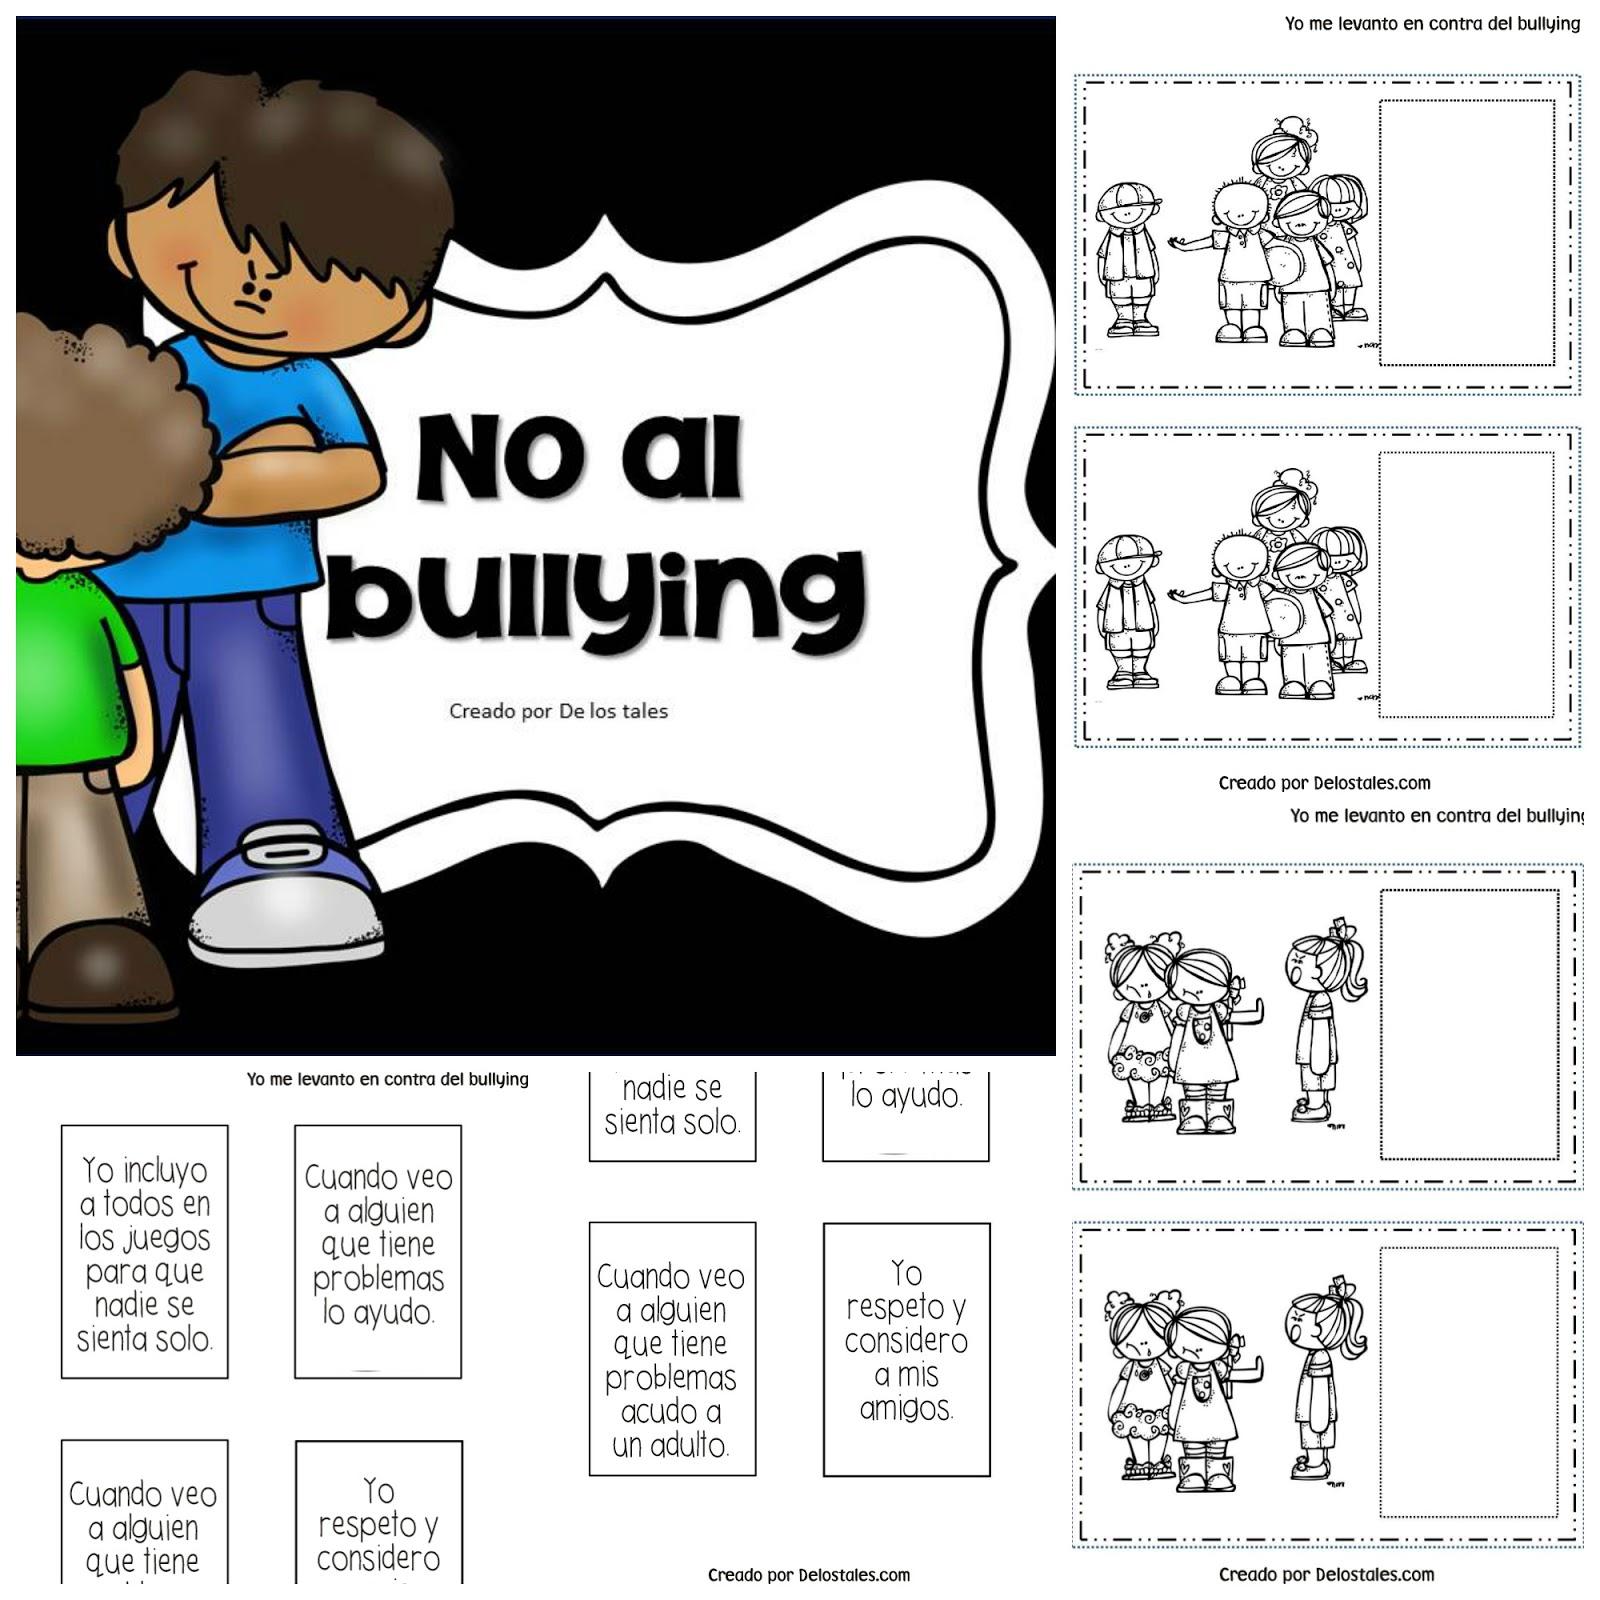 Encantador Bullying Para Colorear Motivo - Dibujos Para Colorear En ...